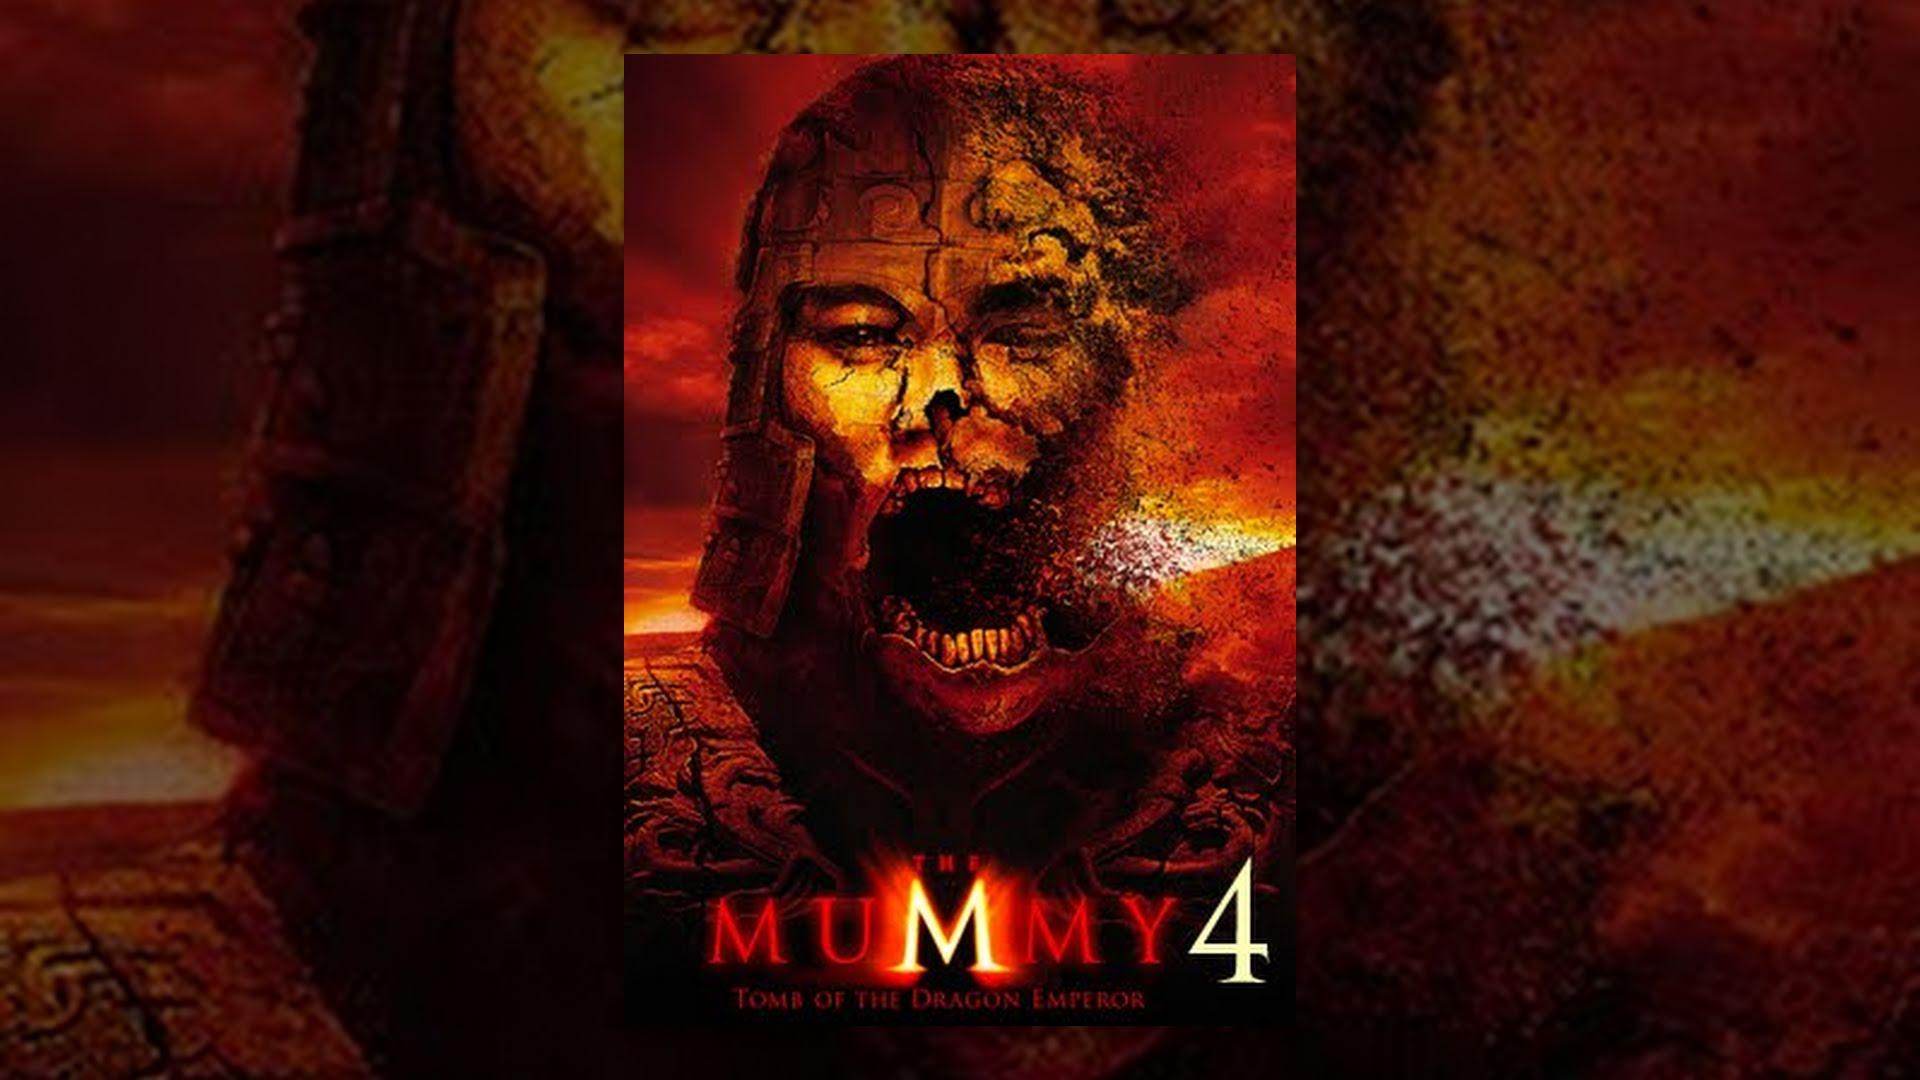 Mummy 4 photo